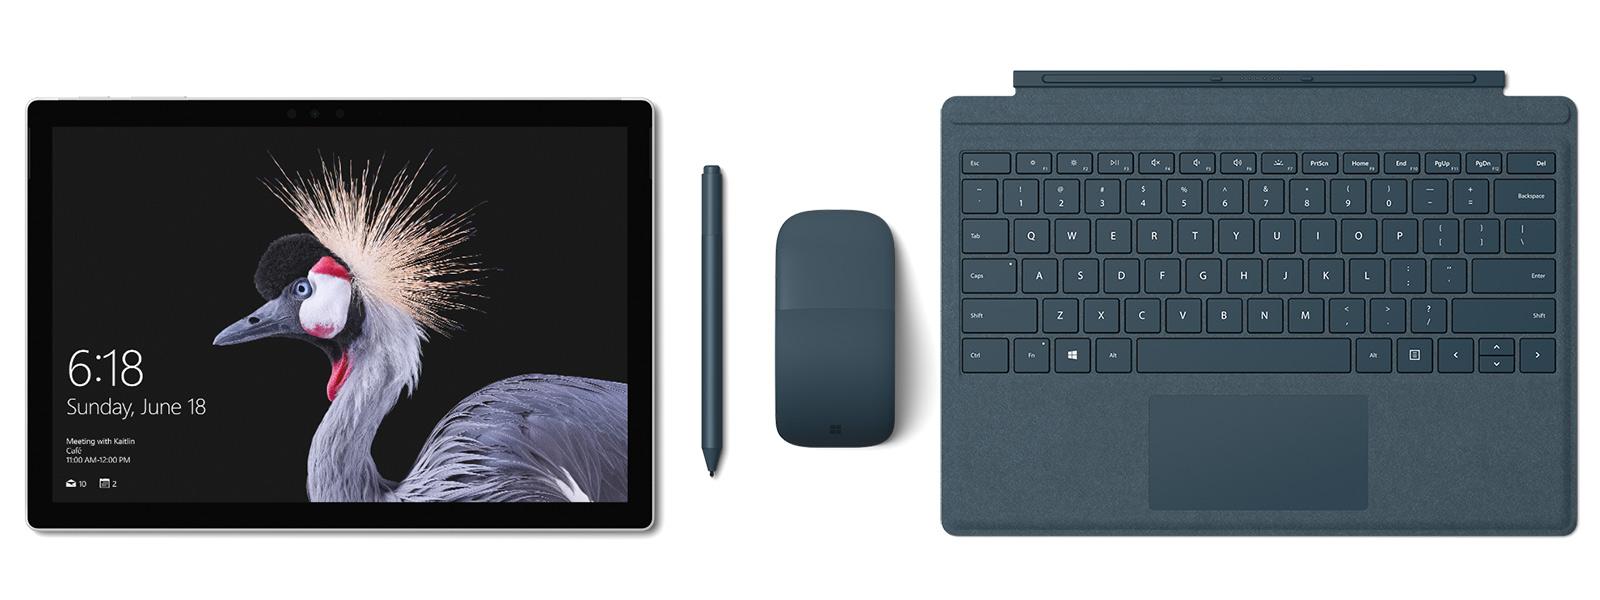 鈷藍色 Surface Pro 與 Surface Pro 特製版實體鍵盤保護蓋、Surface 手寫筆和 Surface Arc Mouse 的影像。Surface 手寫筆隨同。